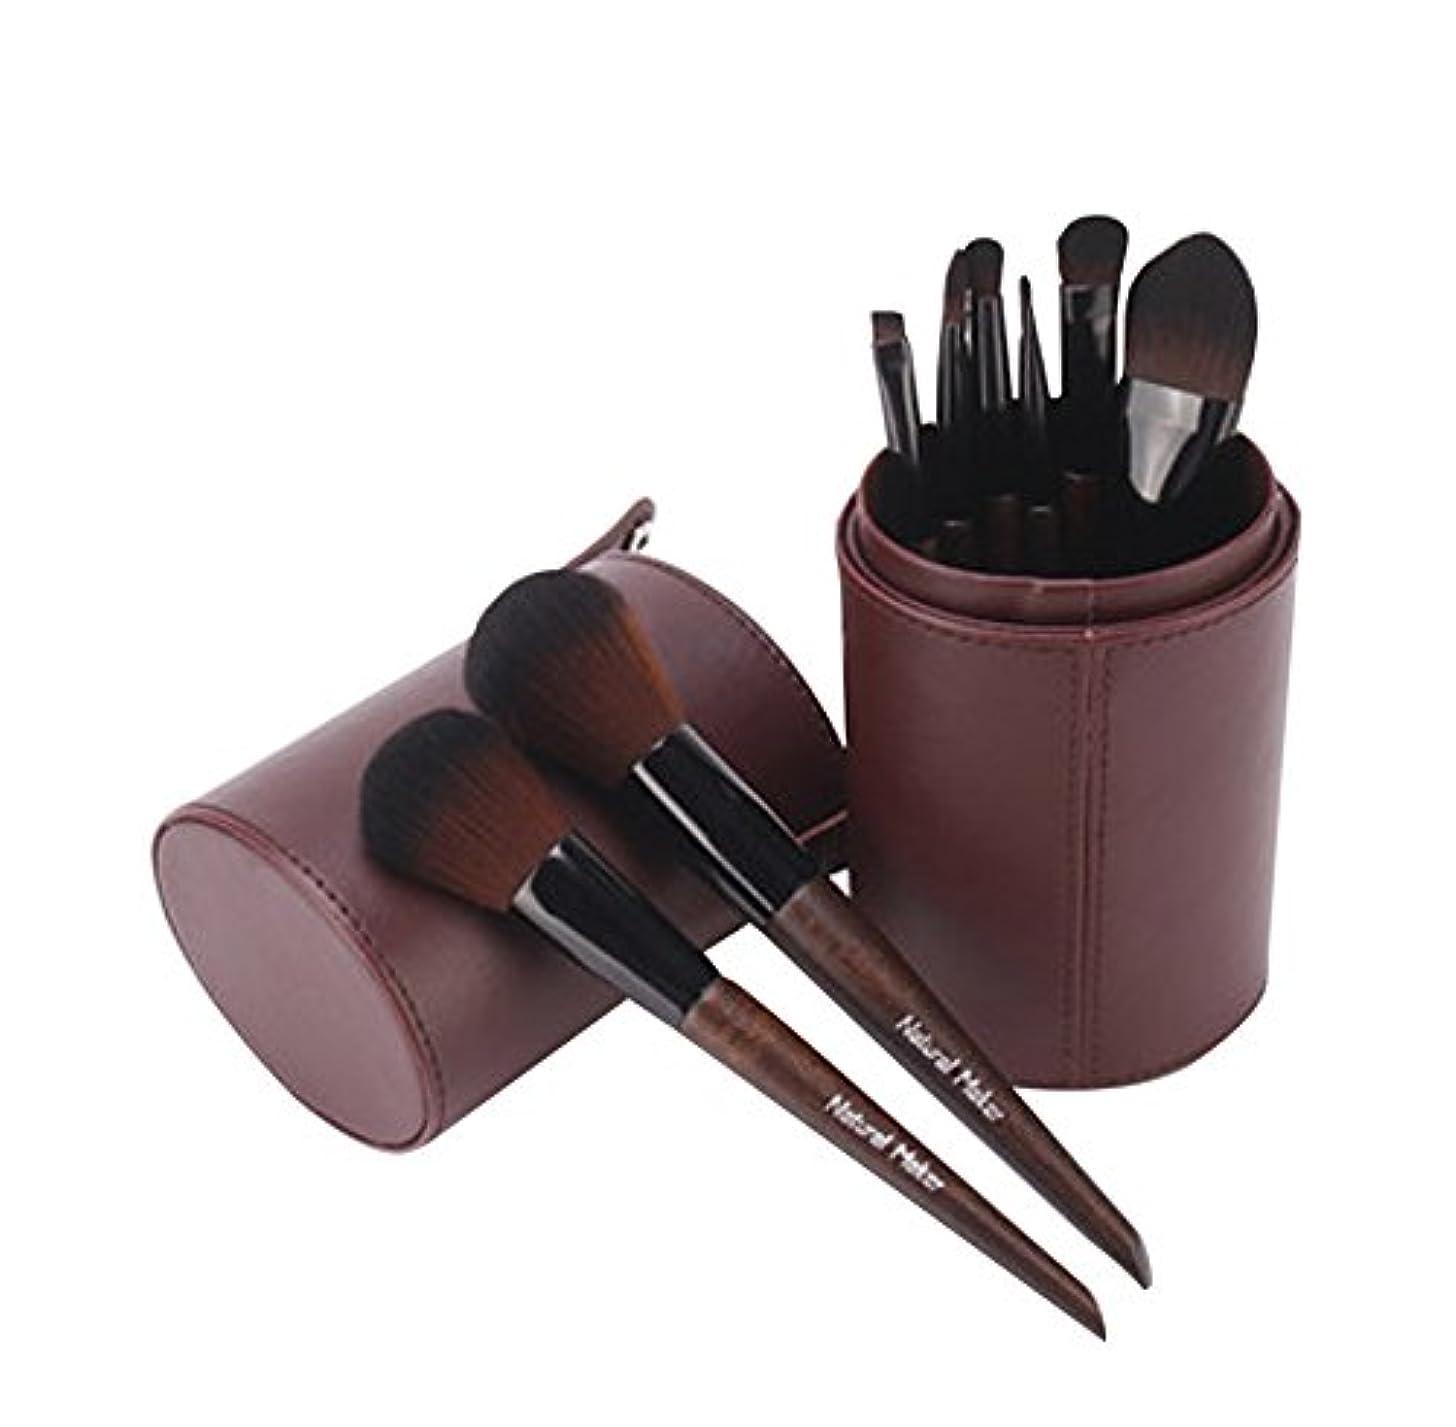 考える過度にピケメイクブラシ 化粧筆 コスメブラシ 化粧ブラシ 高級繊維毛 極上の肌触り 8本セット 化粧ケース付き